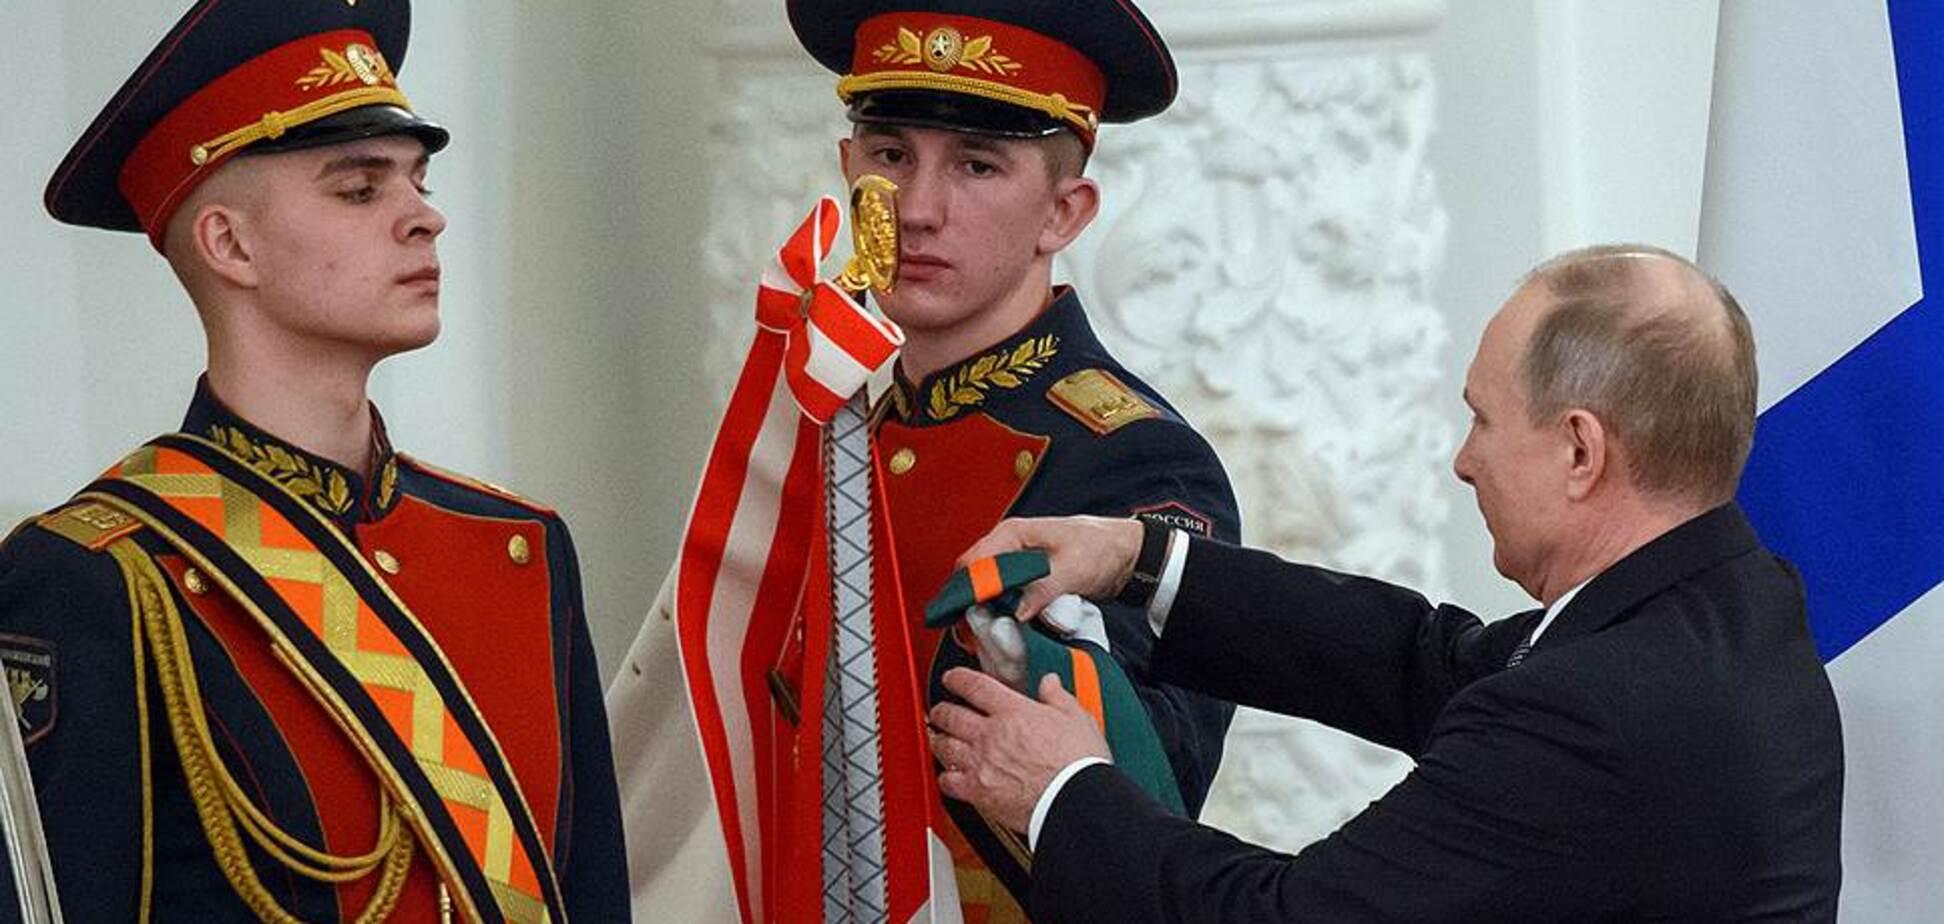 Путин жестко оконфузился, раздавая награды своим воякам